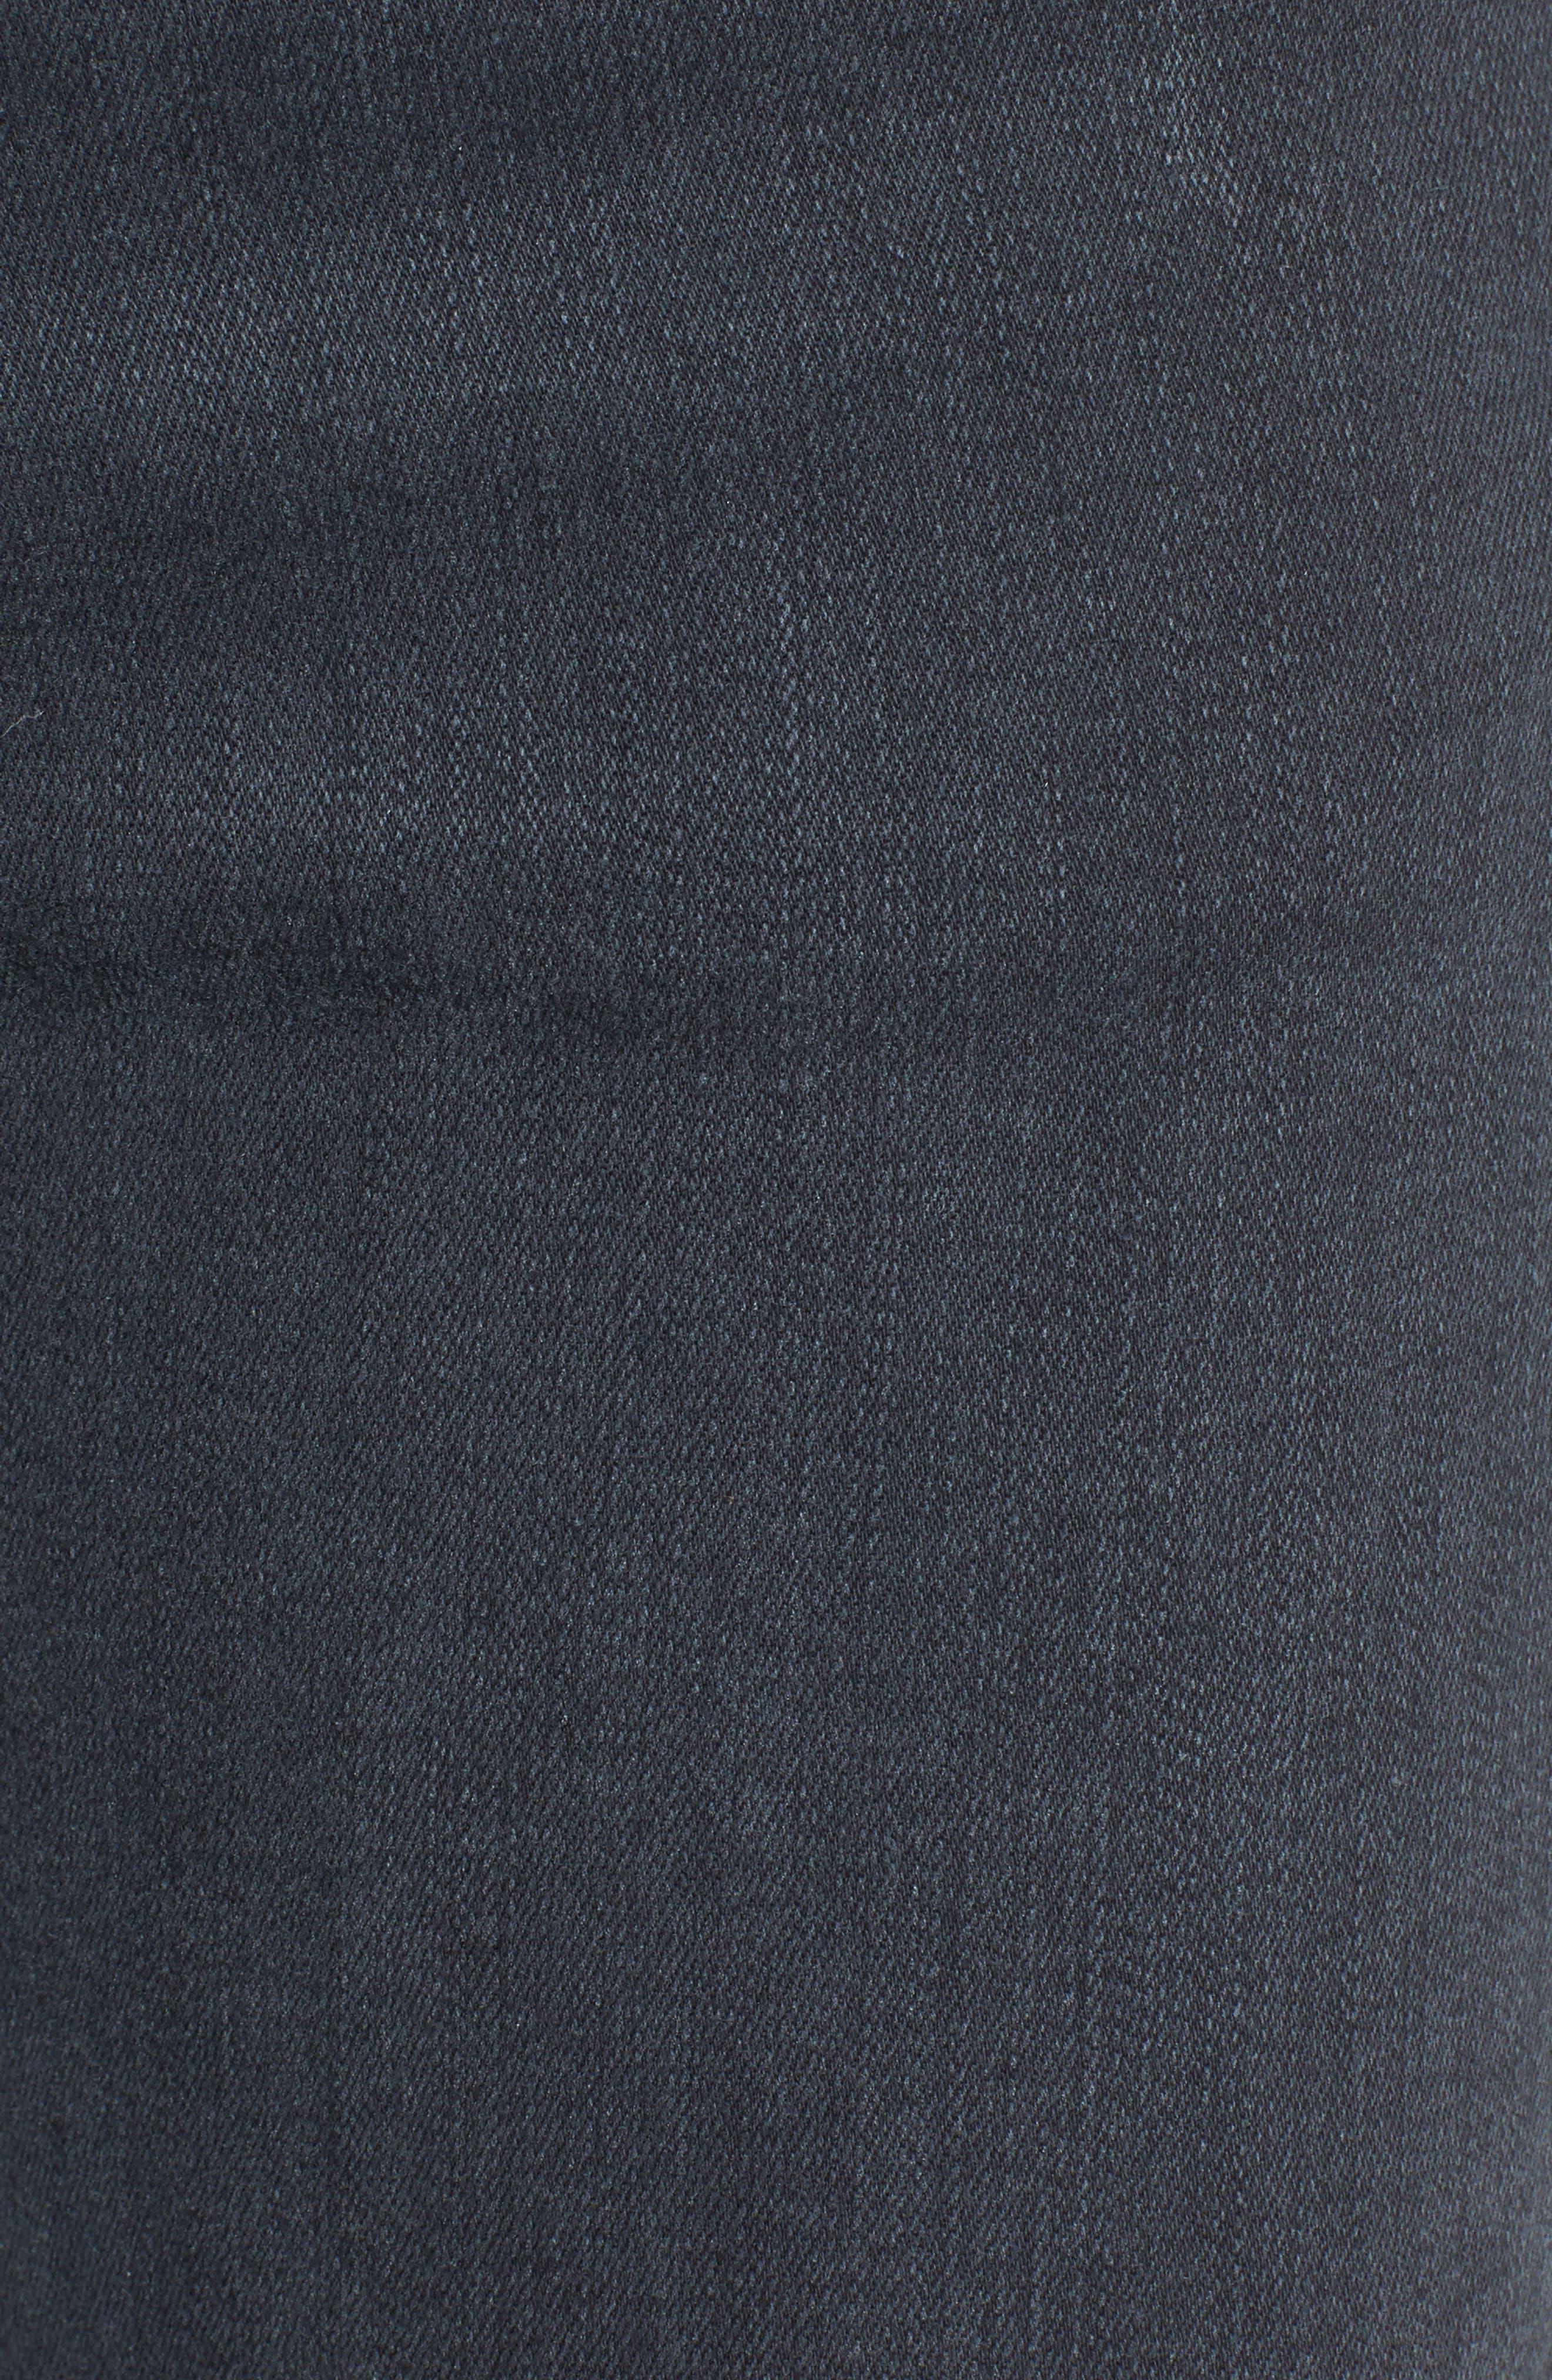 Alternate Image 5  - Hudson Jeans Collette Ankle Skinny Jeans (Penumbra)